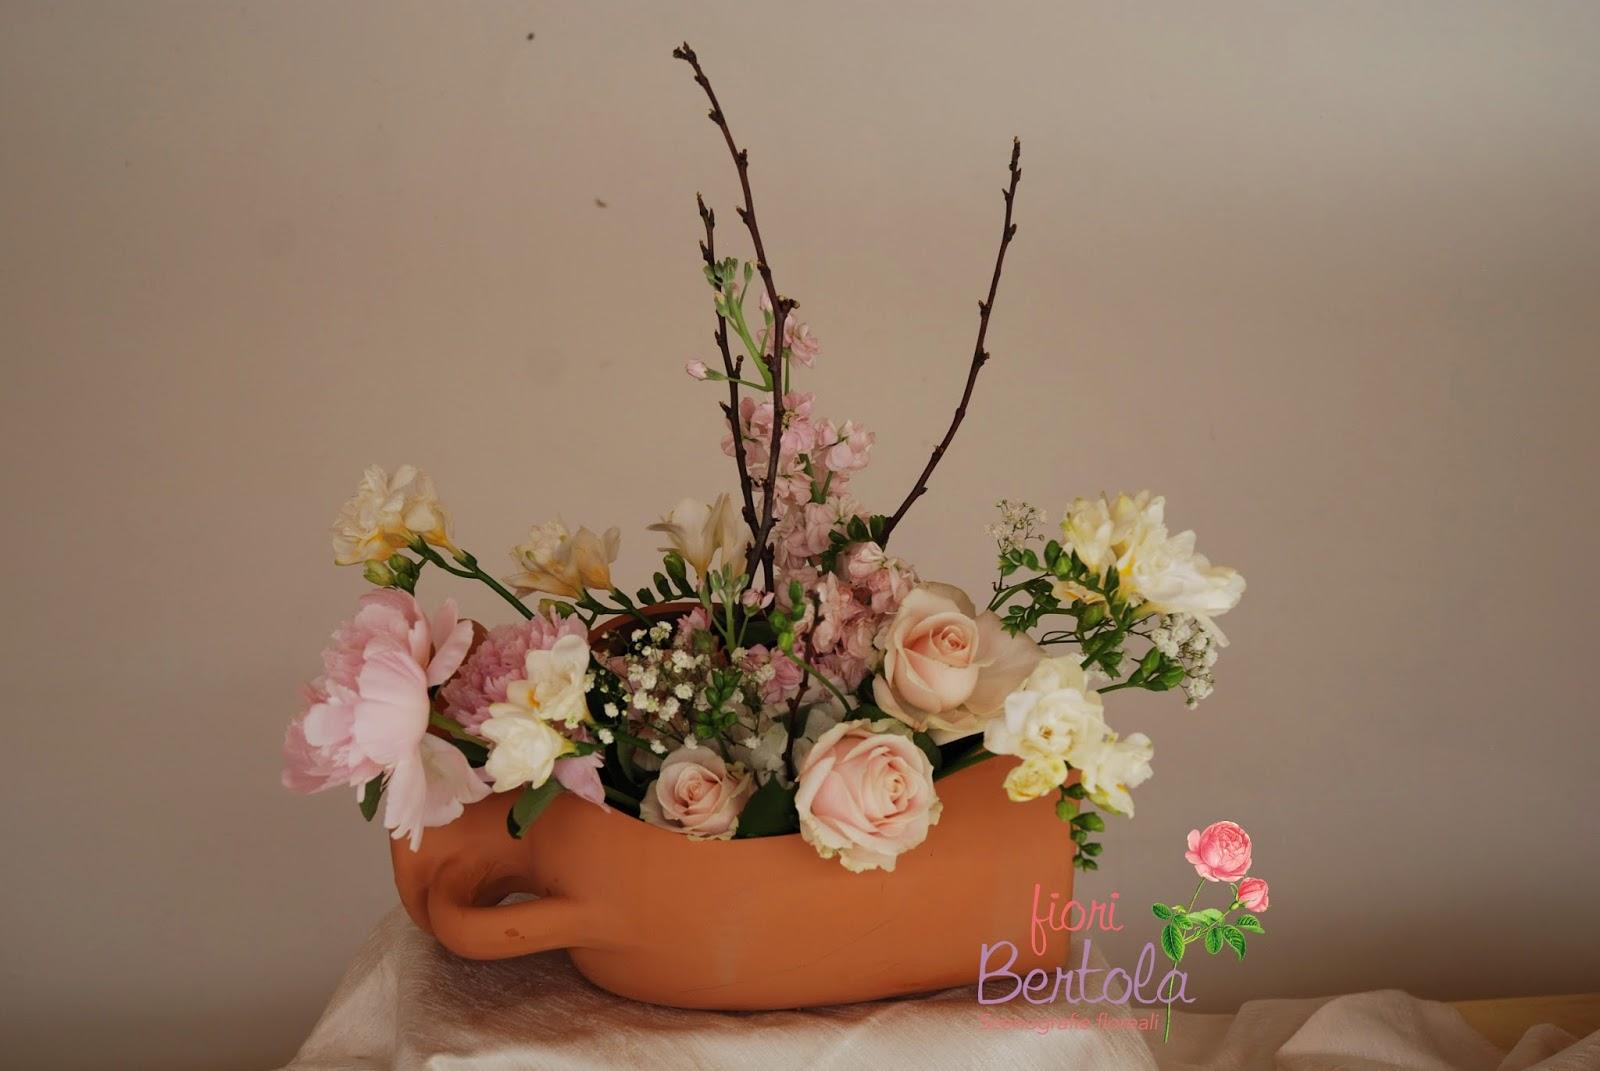 Rose Avalanche E Ortensie : Fiori bertola matrimonio in bianco e rosa cipria